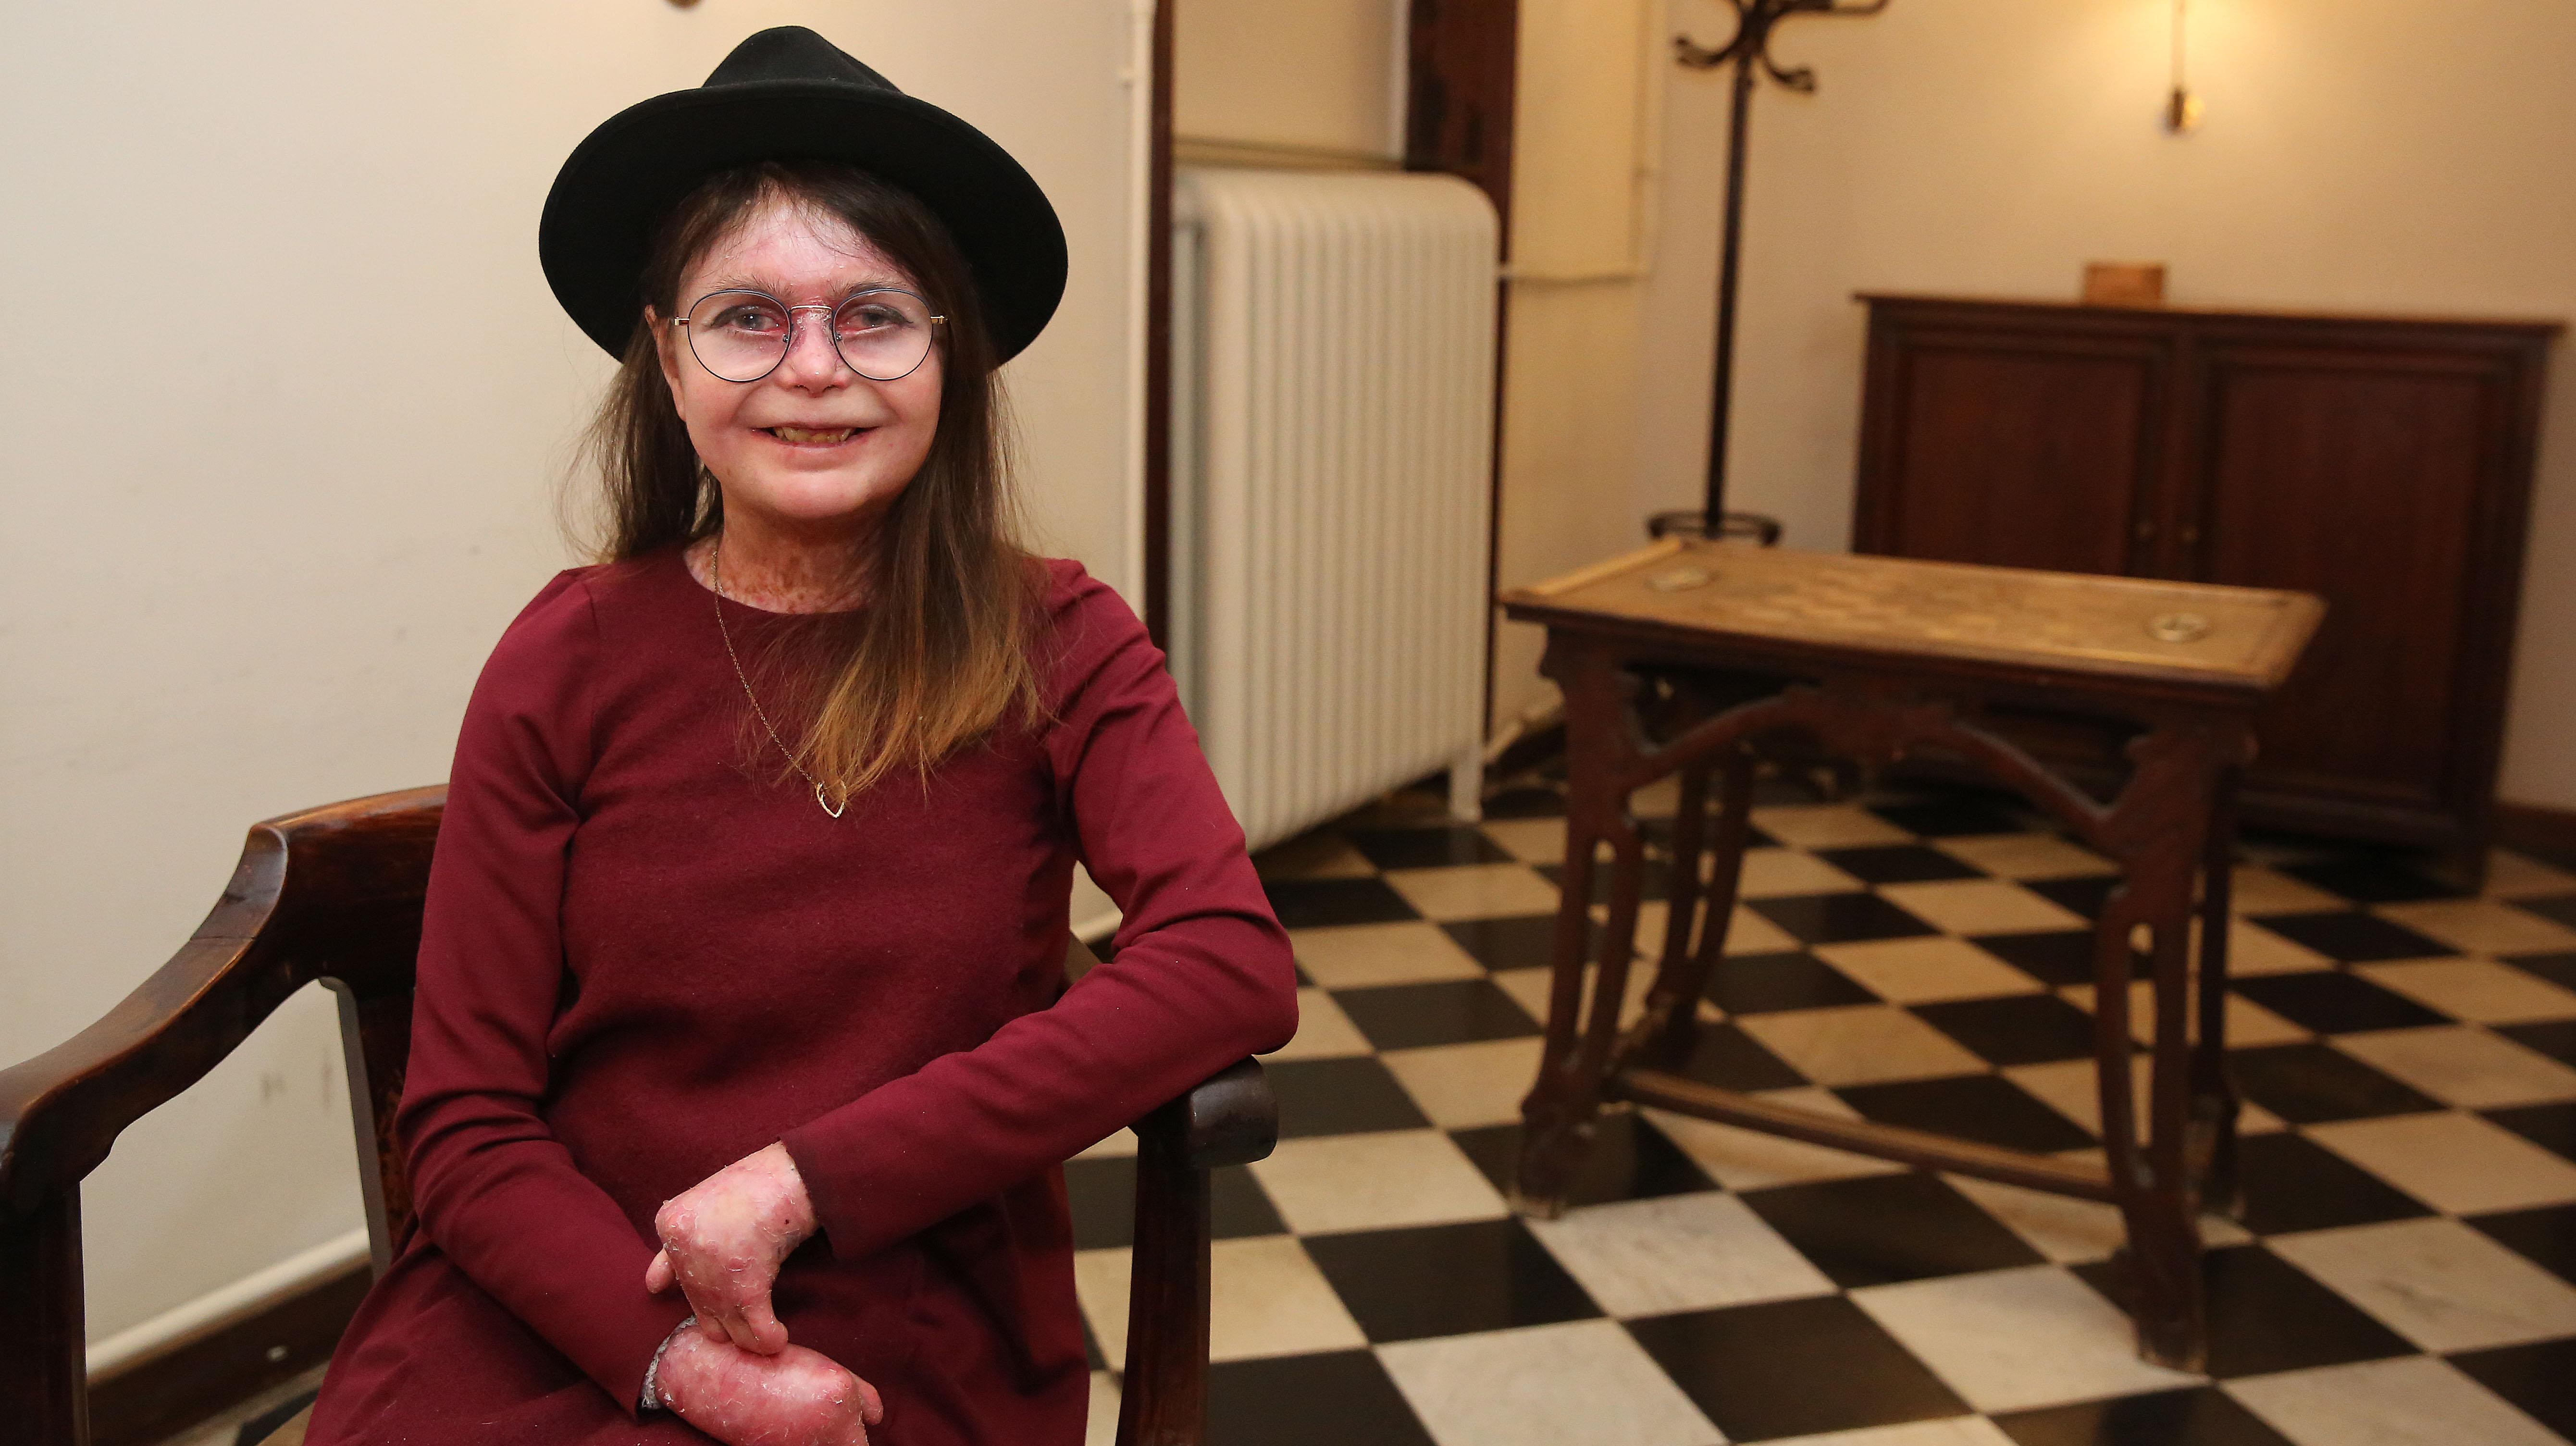 Entrevista con Nina Roma, catalana de 26 años años y una de las mil personas en Españaque padecen la enfermedad rara llamada 'piel de mariposa'.